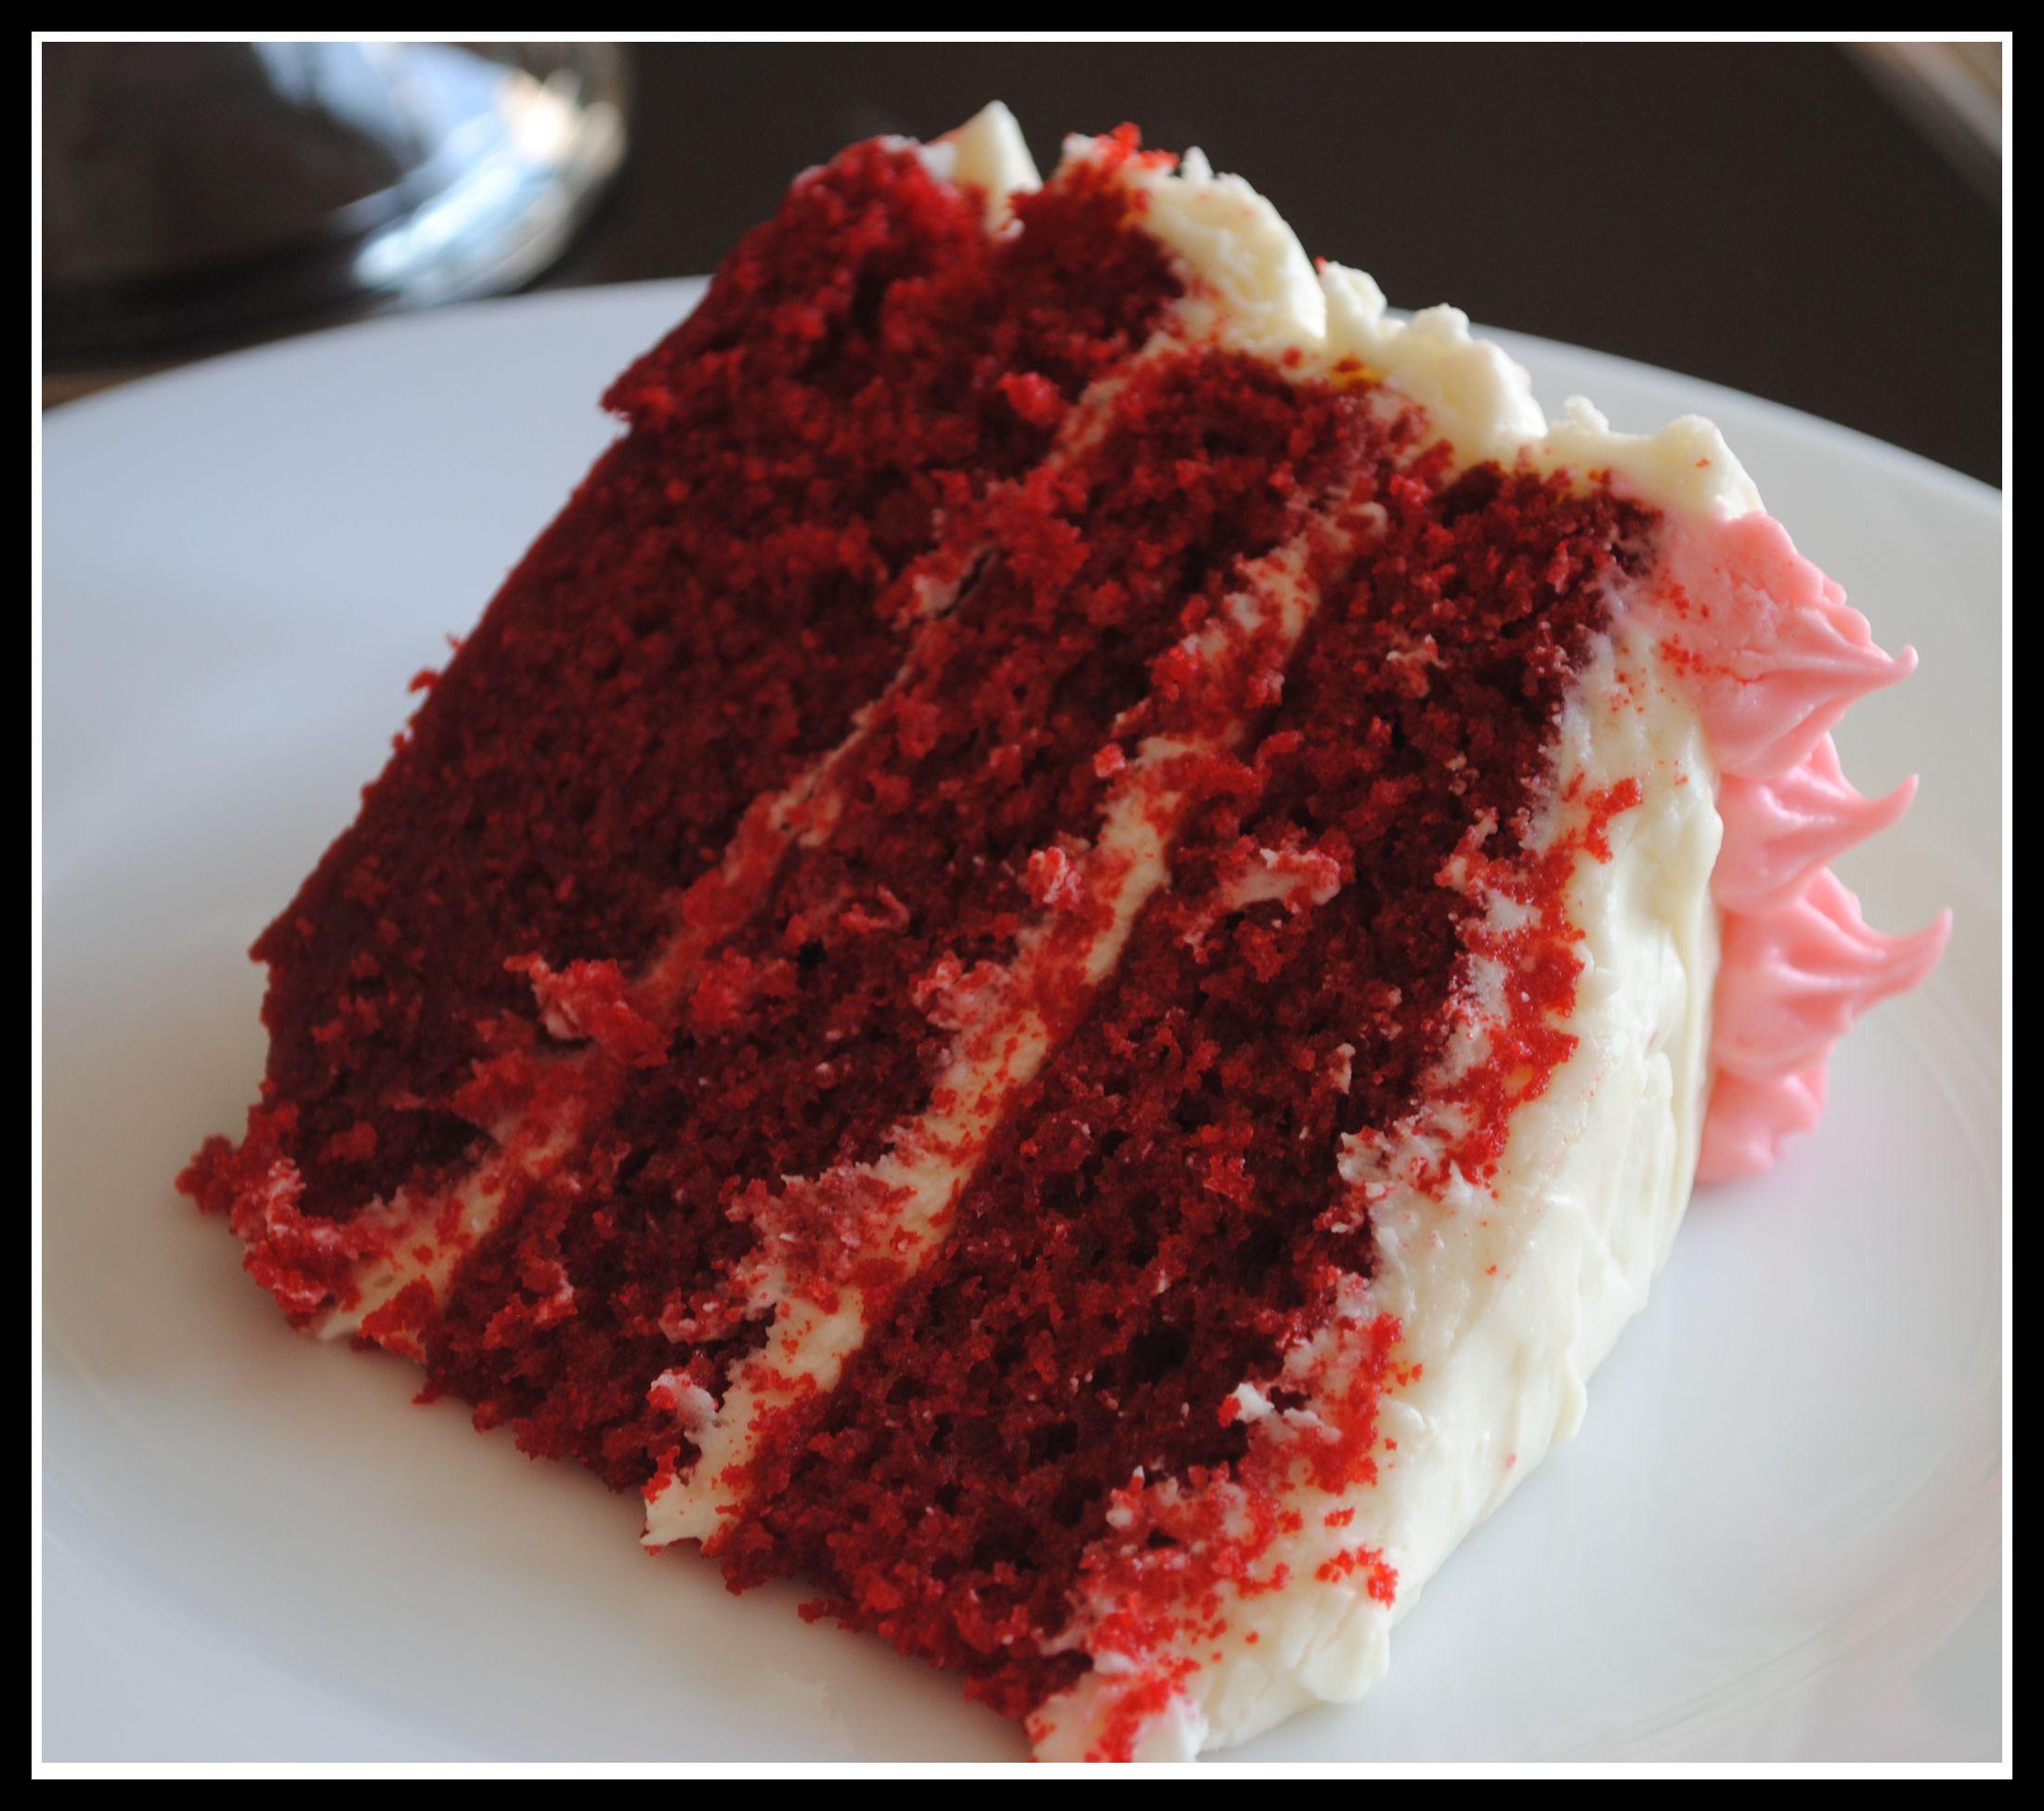 Cream Cheese Frosting For Red Velvet Cake  Red Velvet Cake with Cream Cheese Frosting weekly menu